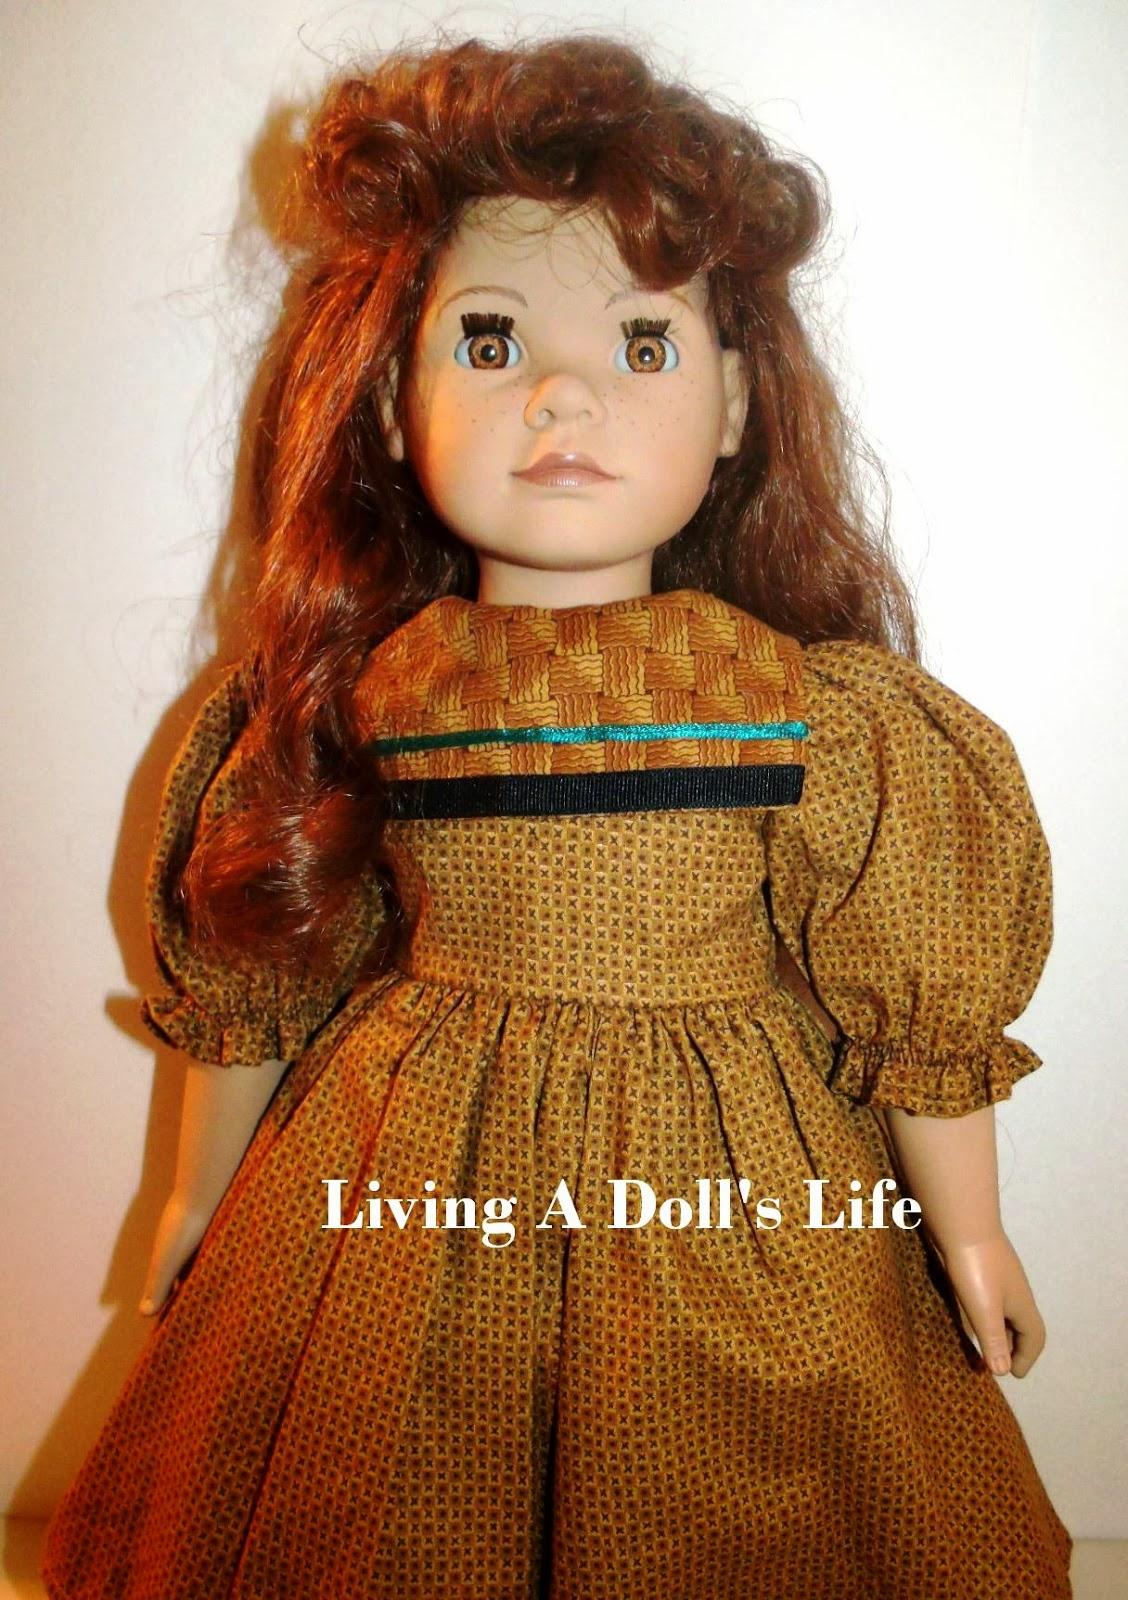 Living A Doll's Life : Heidi Ott Faithful Friends Dolls